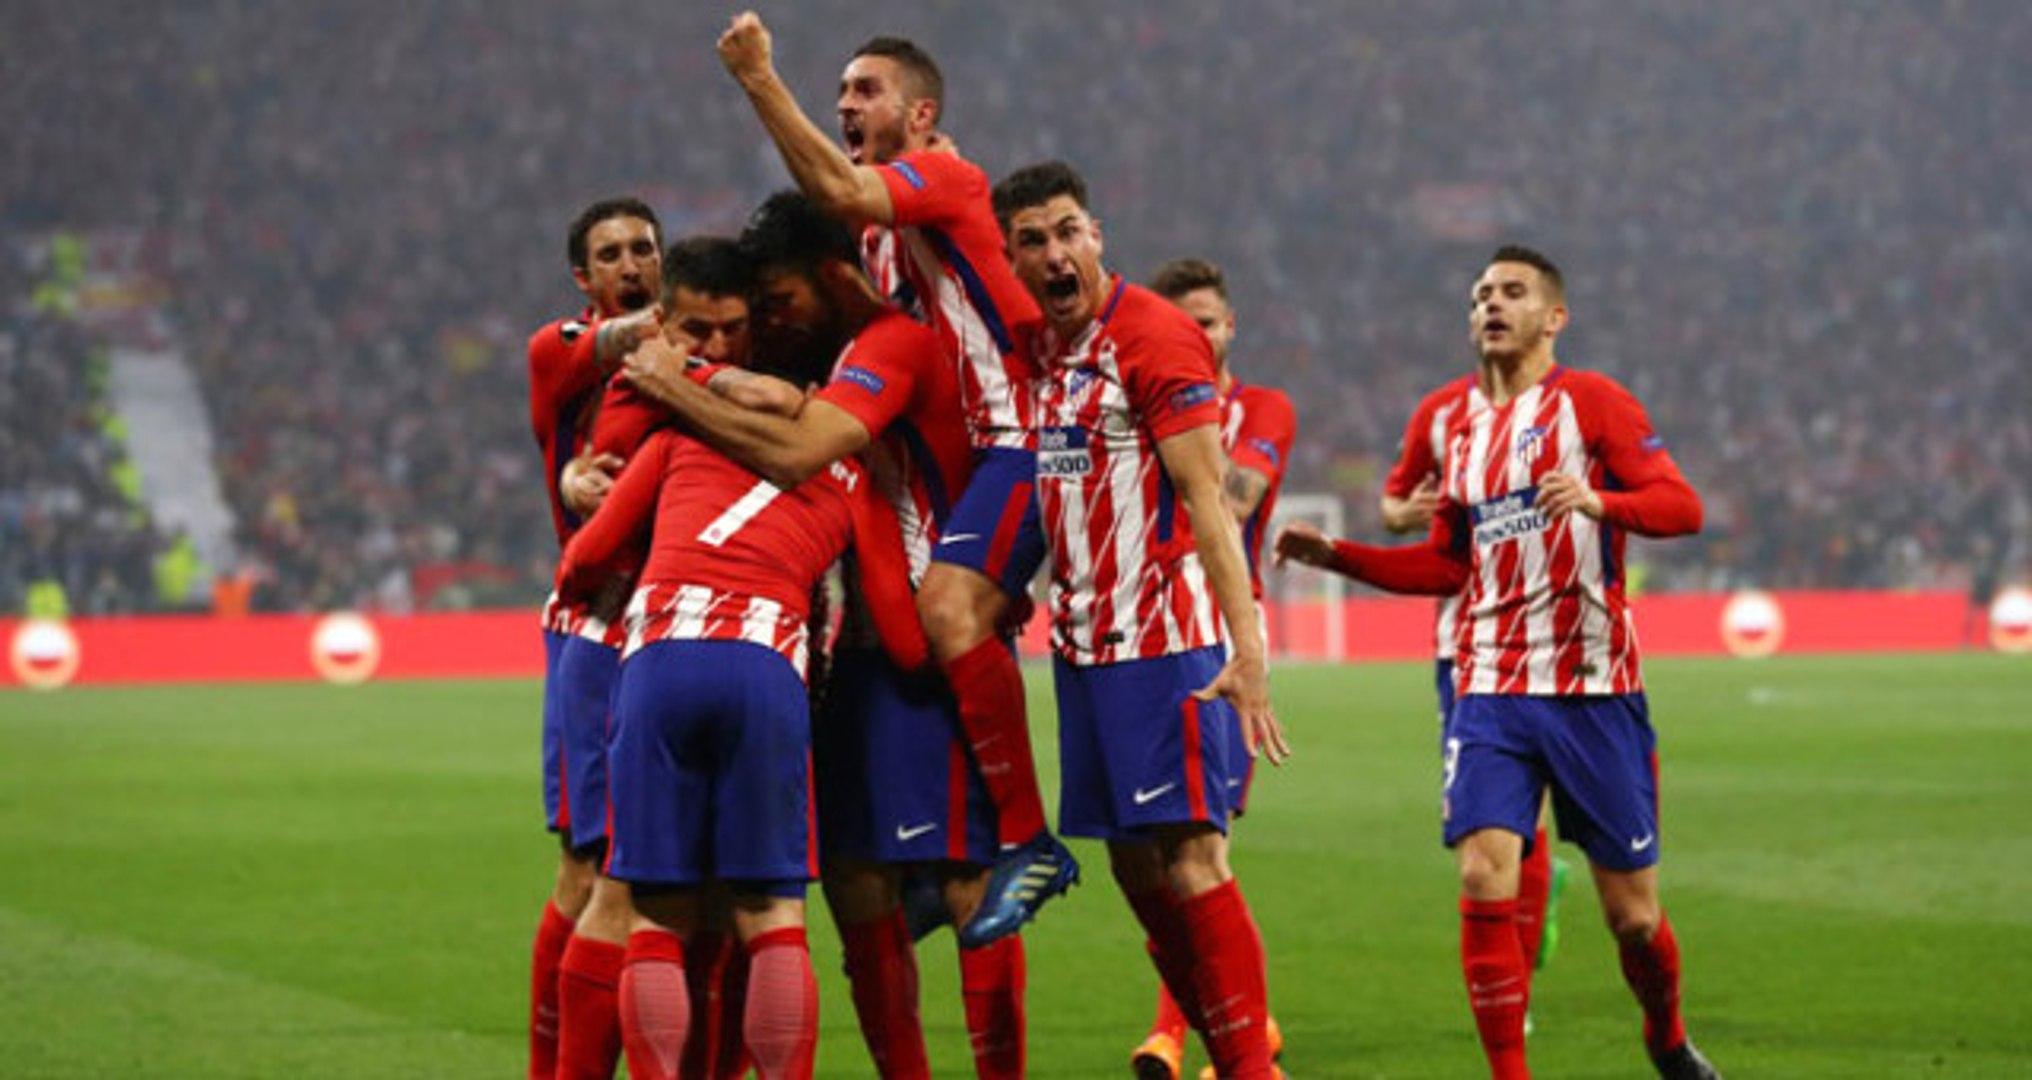 Finalde Marsilya'yı 3-0 Yenen Atletico Madrid, UEFA Avrupa Ligi Şampiyonu Oldu